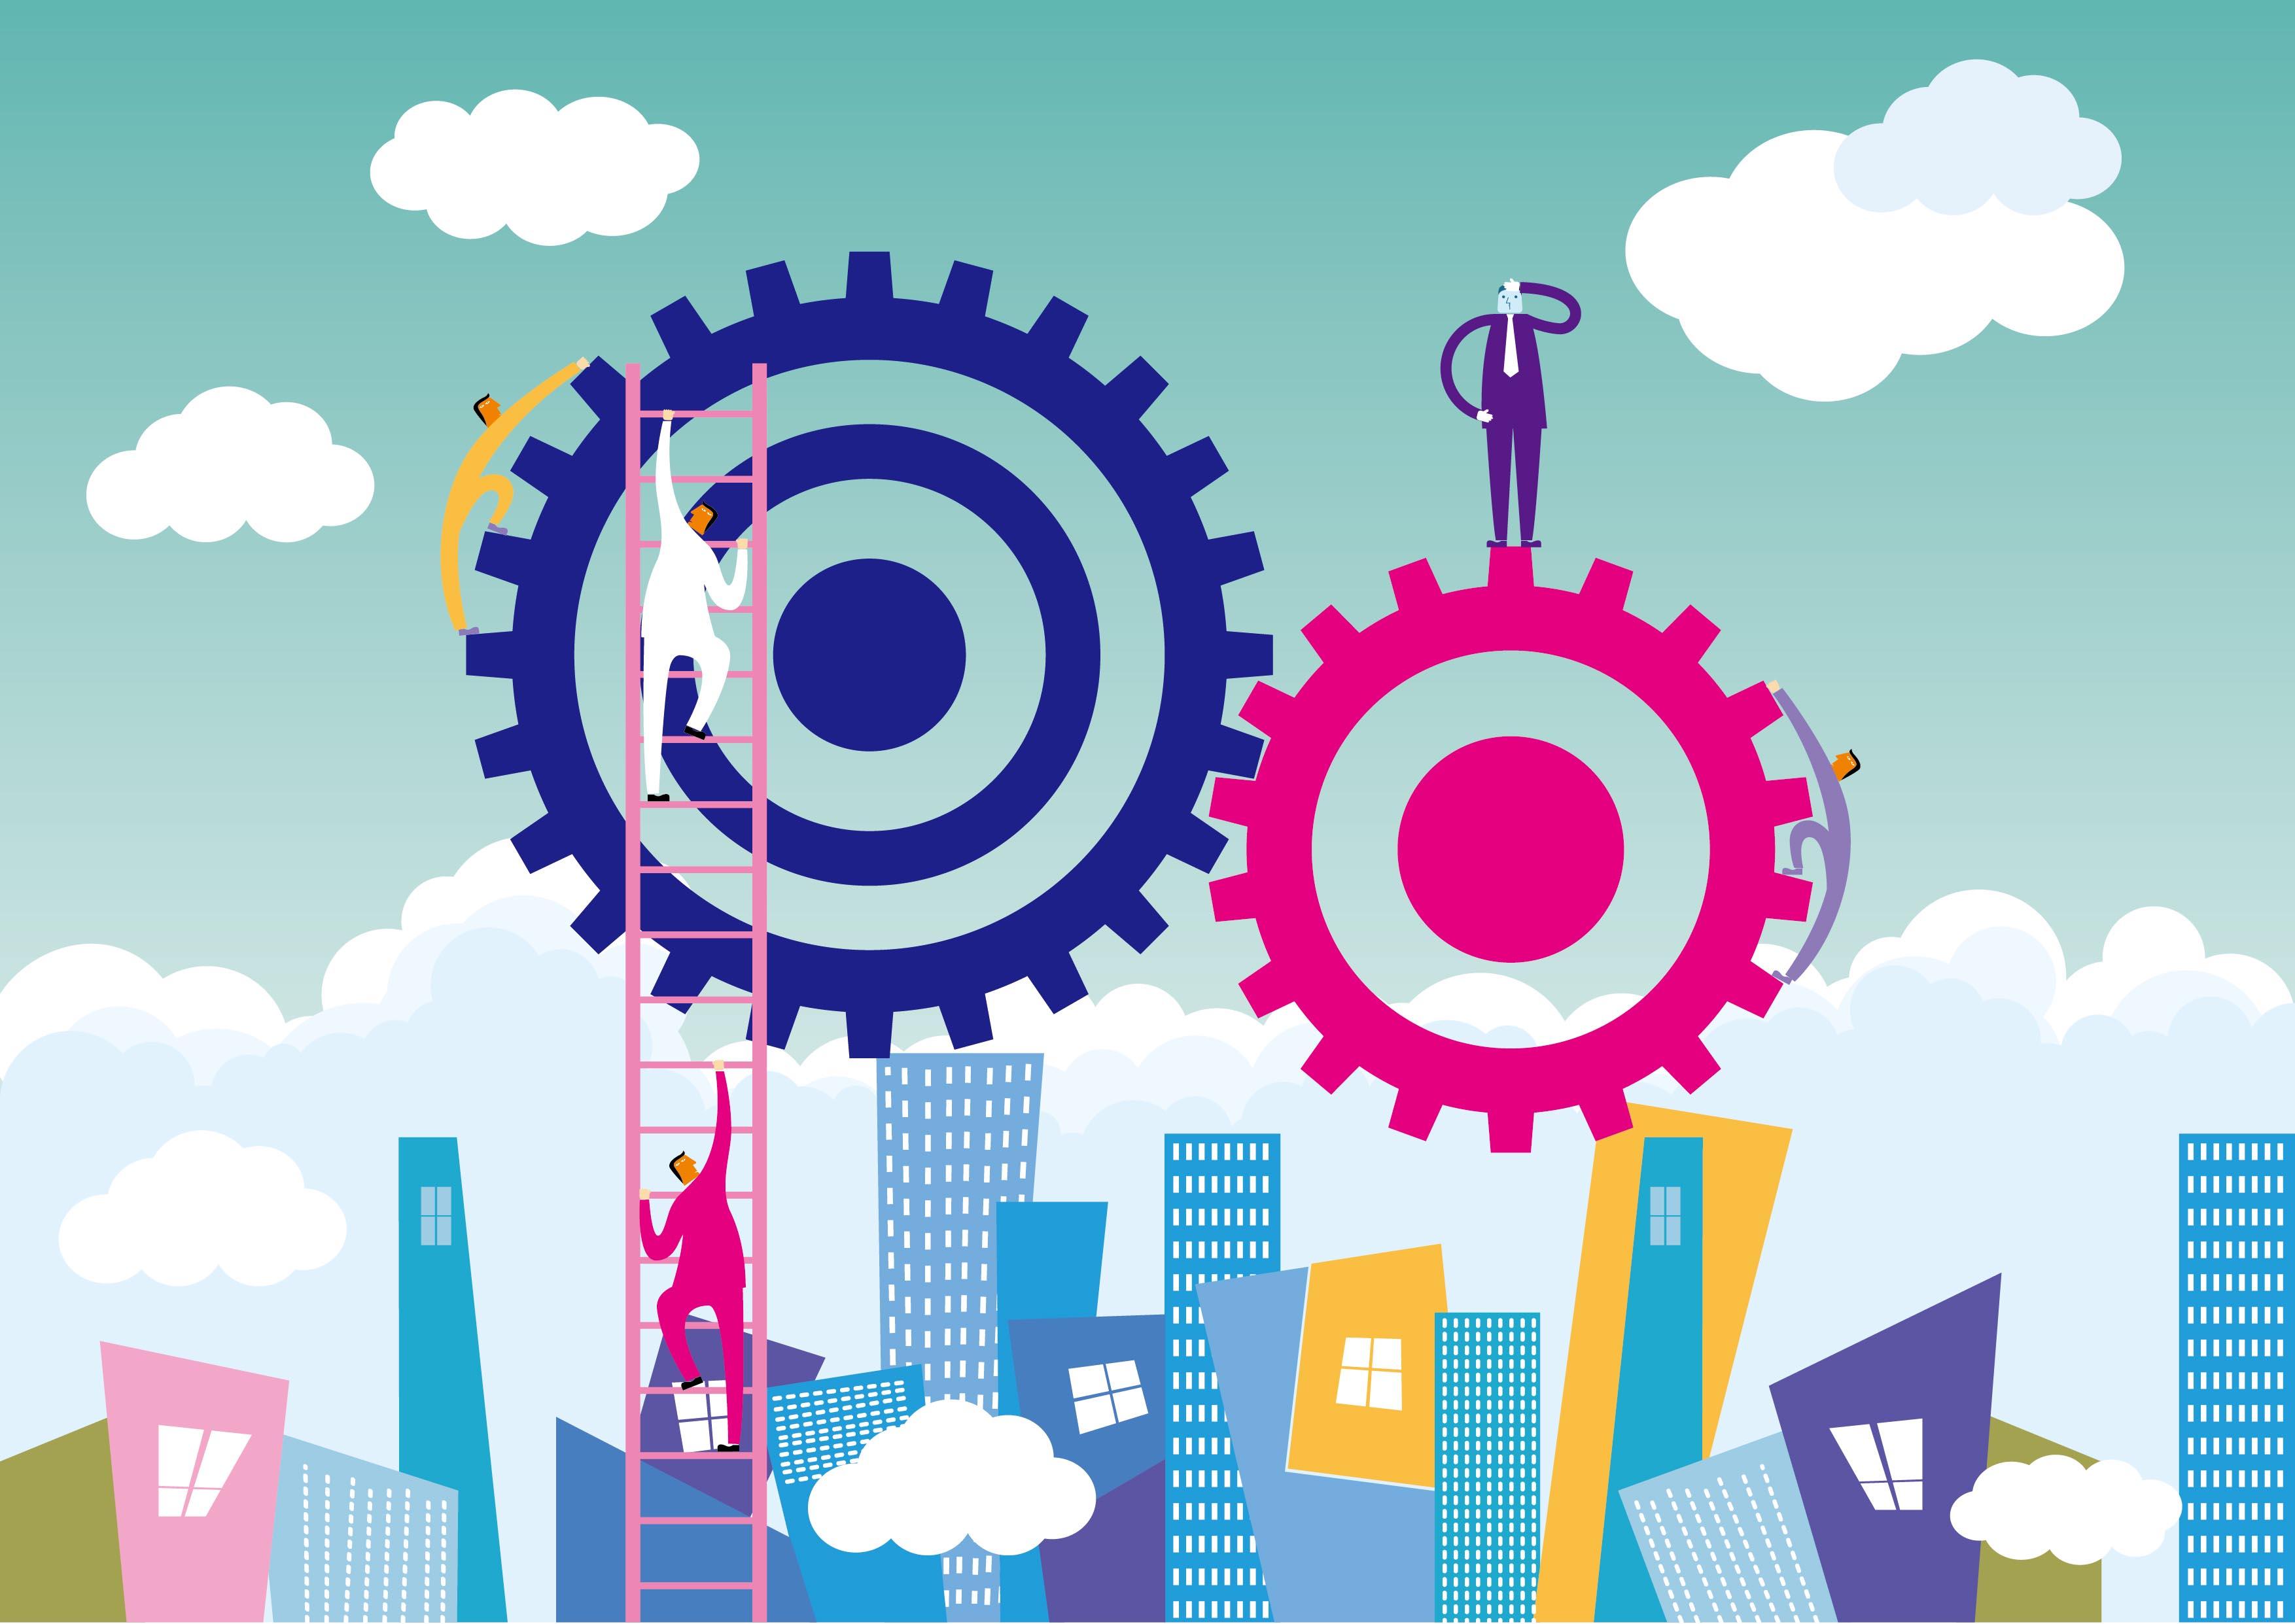 Smartcities. Quelles clés numériques pour la ville intelligente?